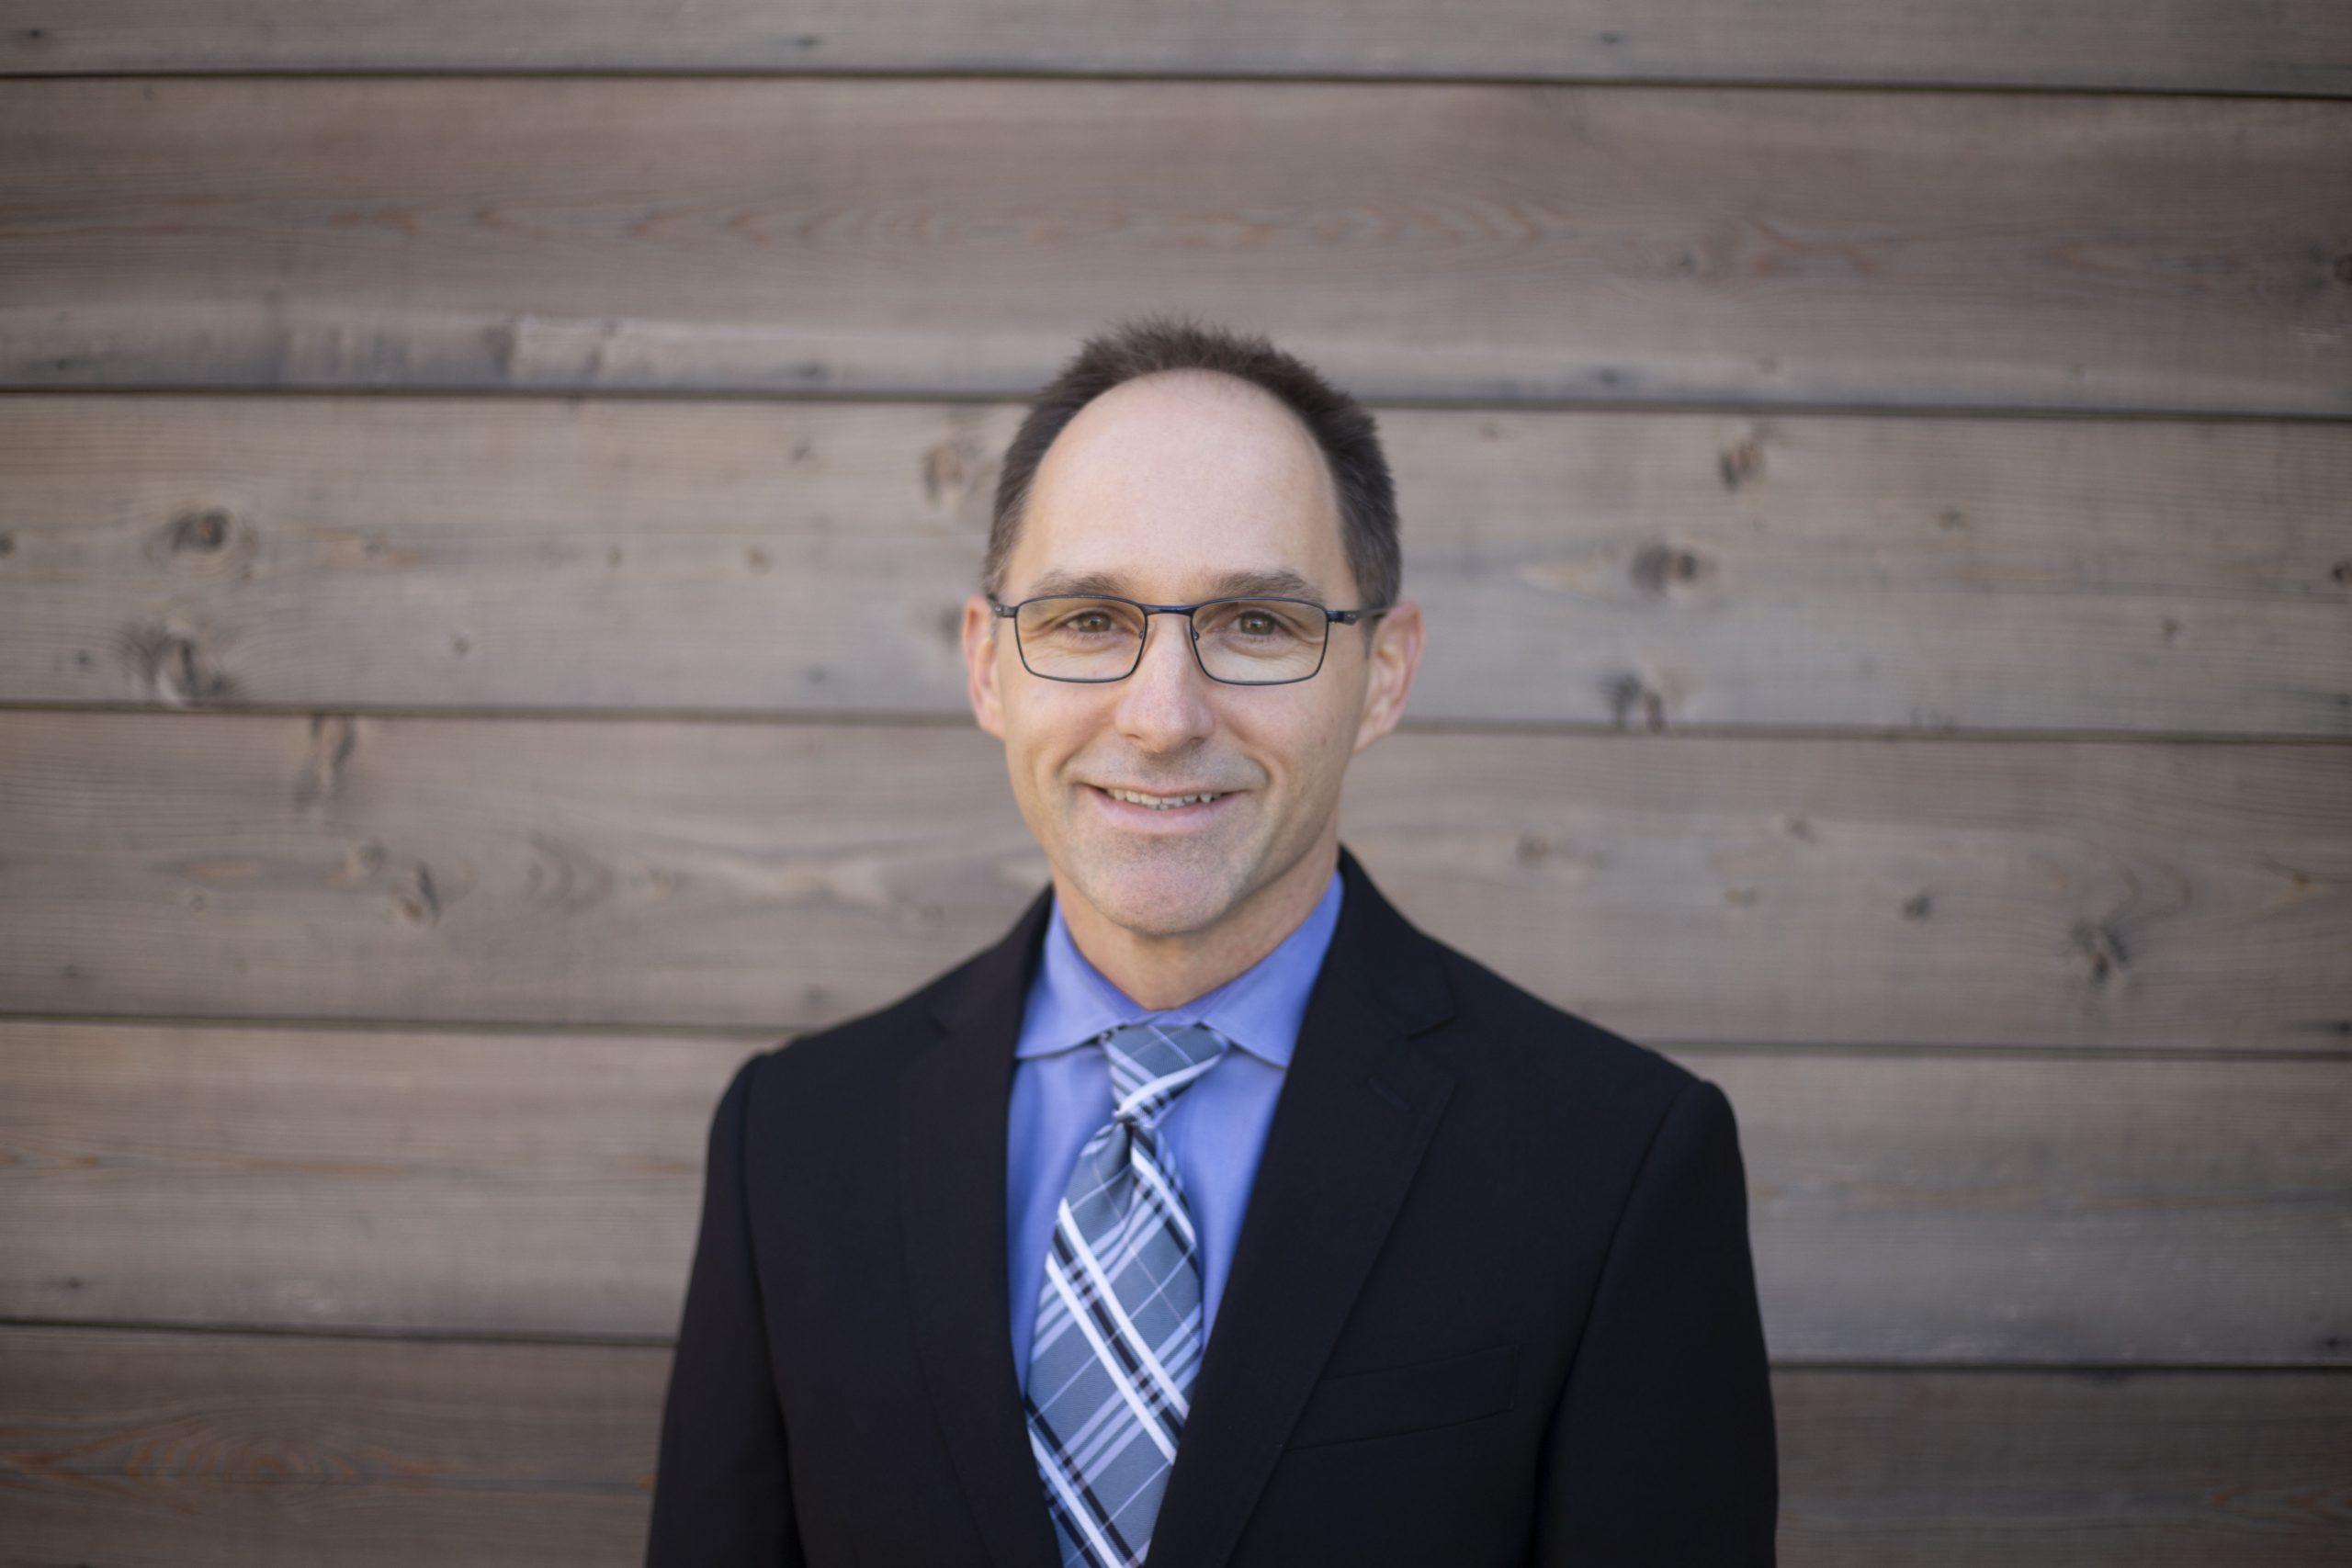 Dr. John Waschak